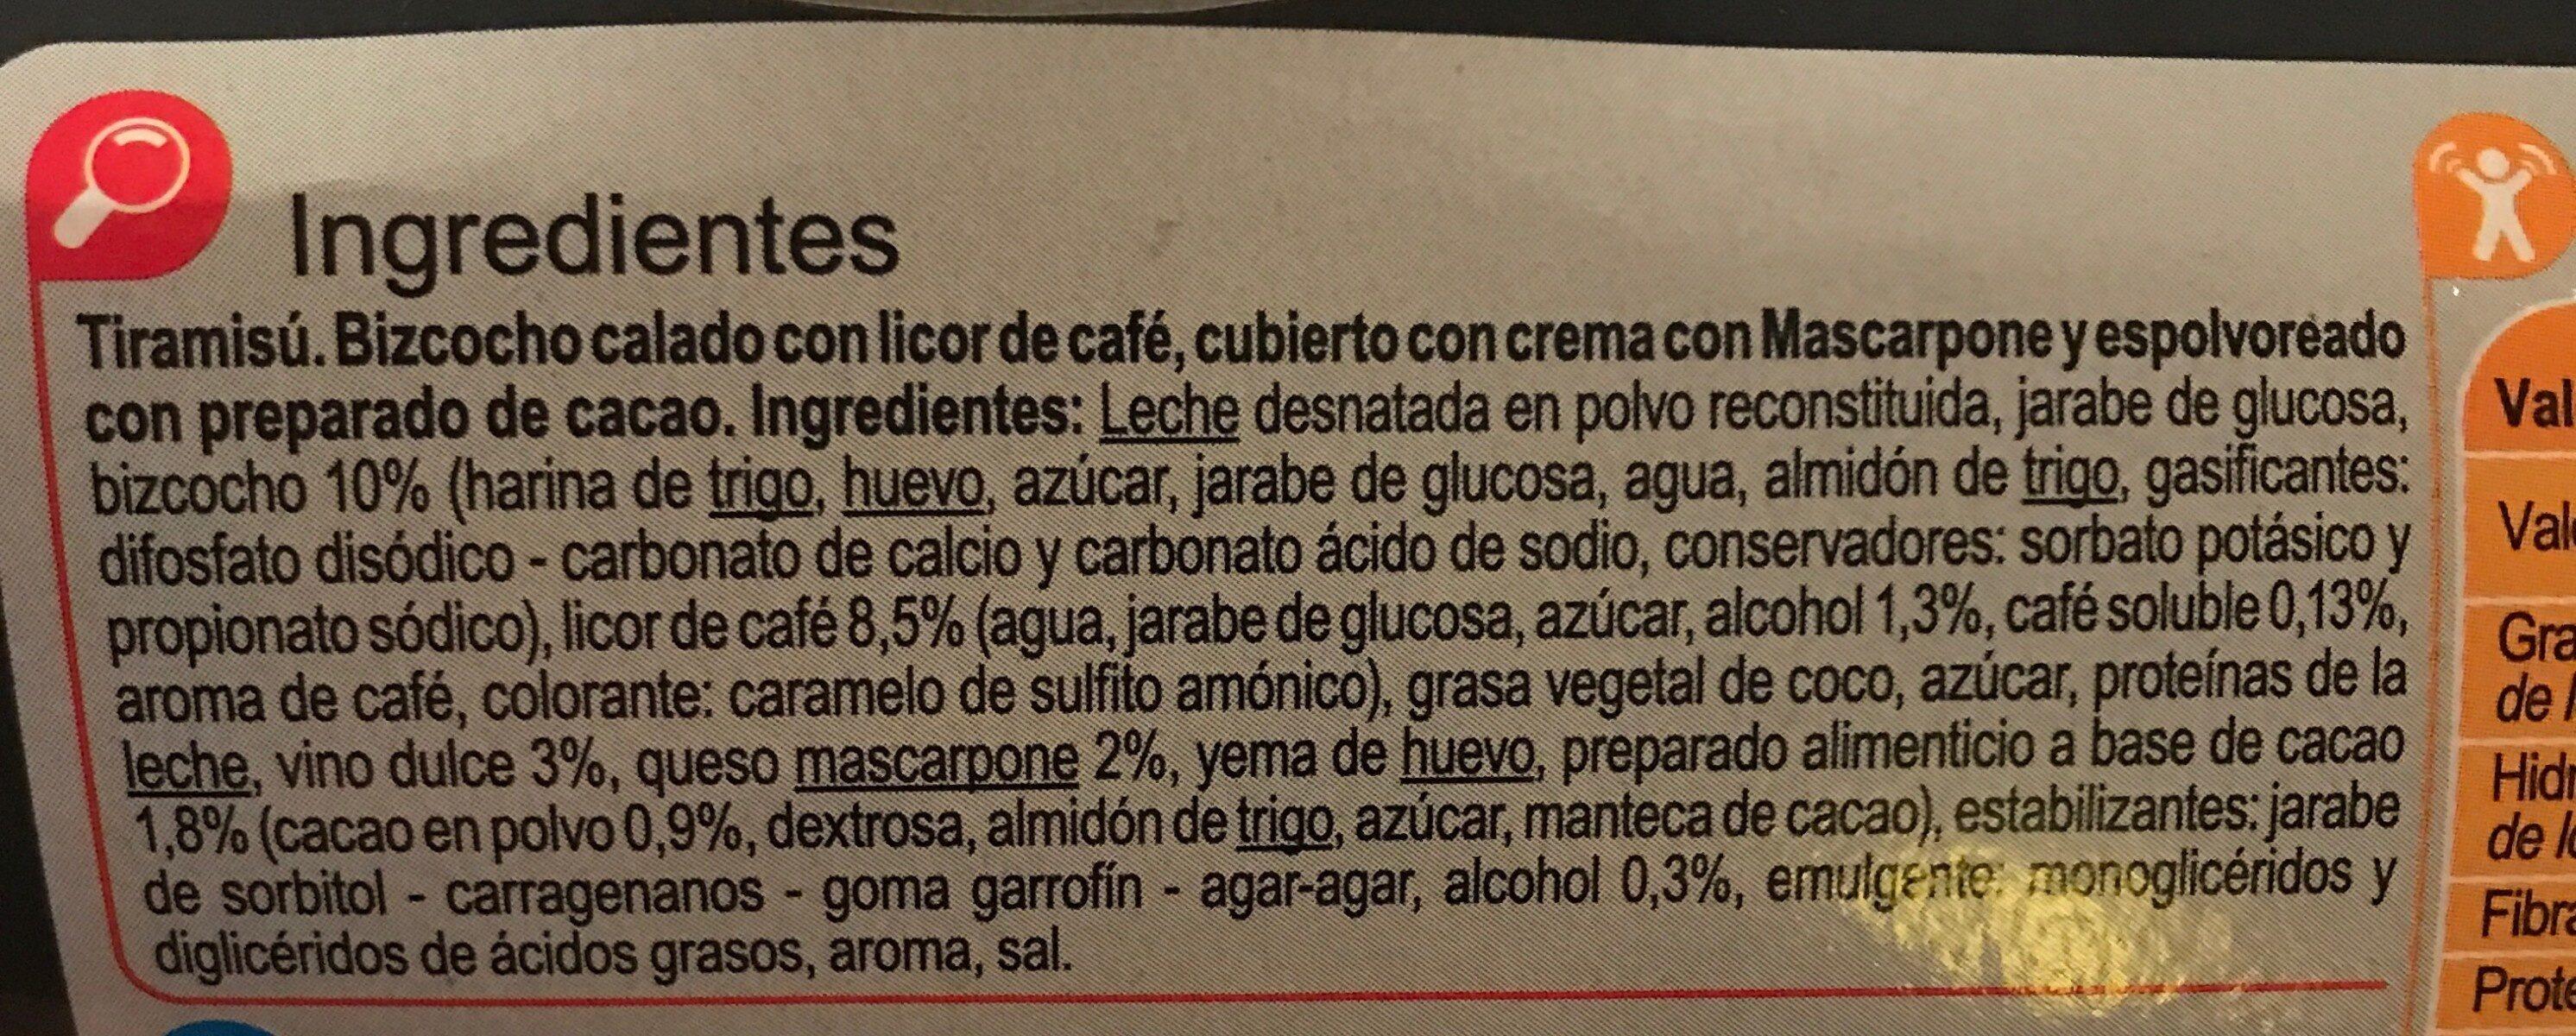 Tiramisú - Ingredientes - es